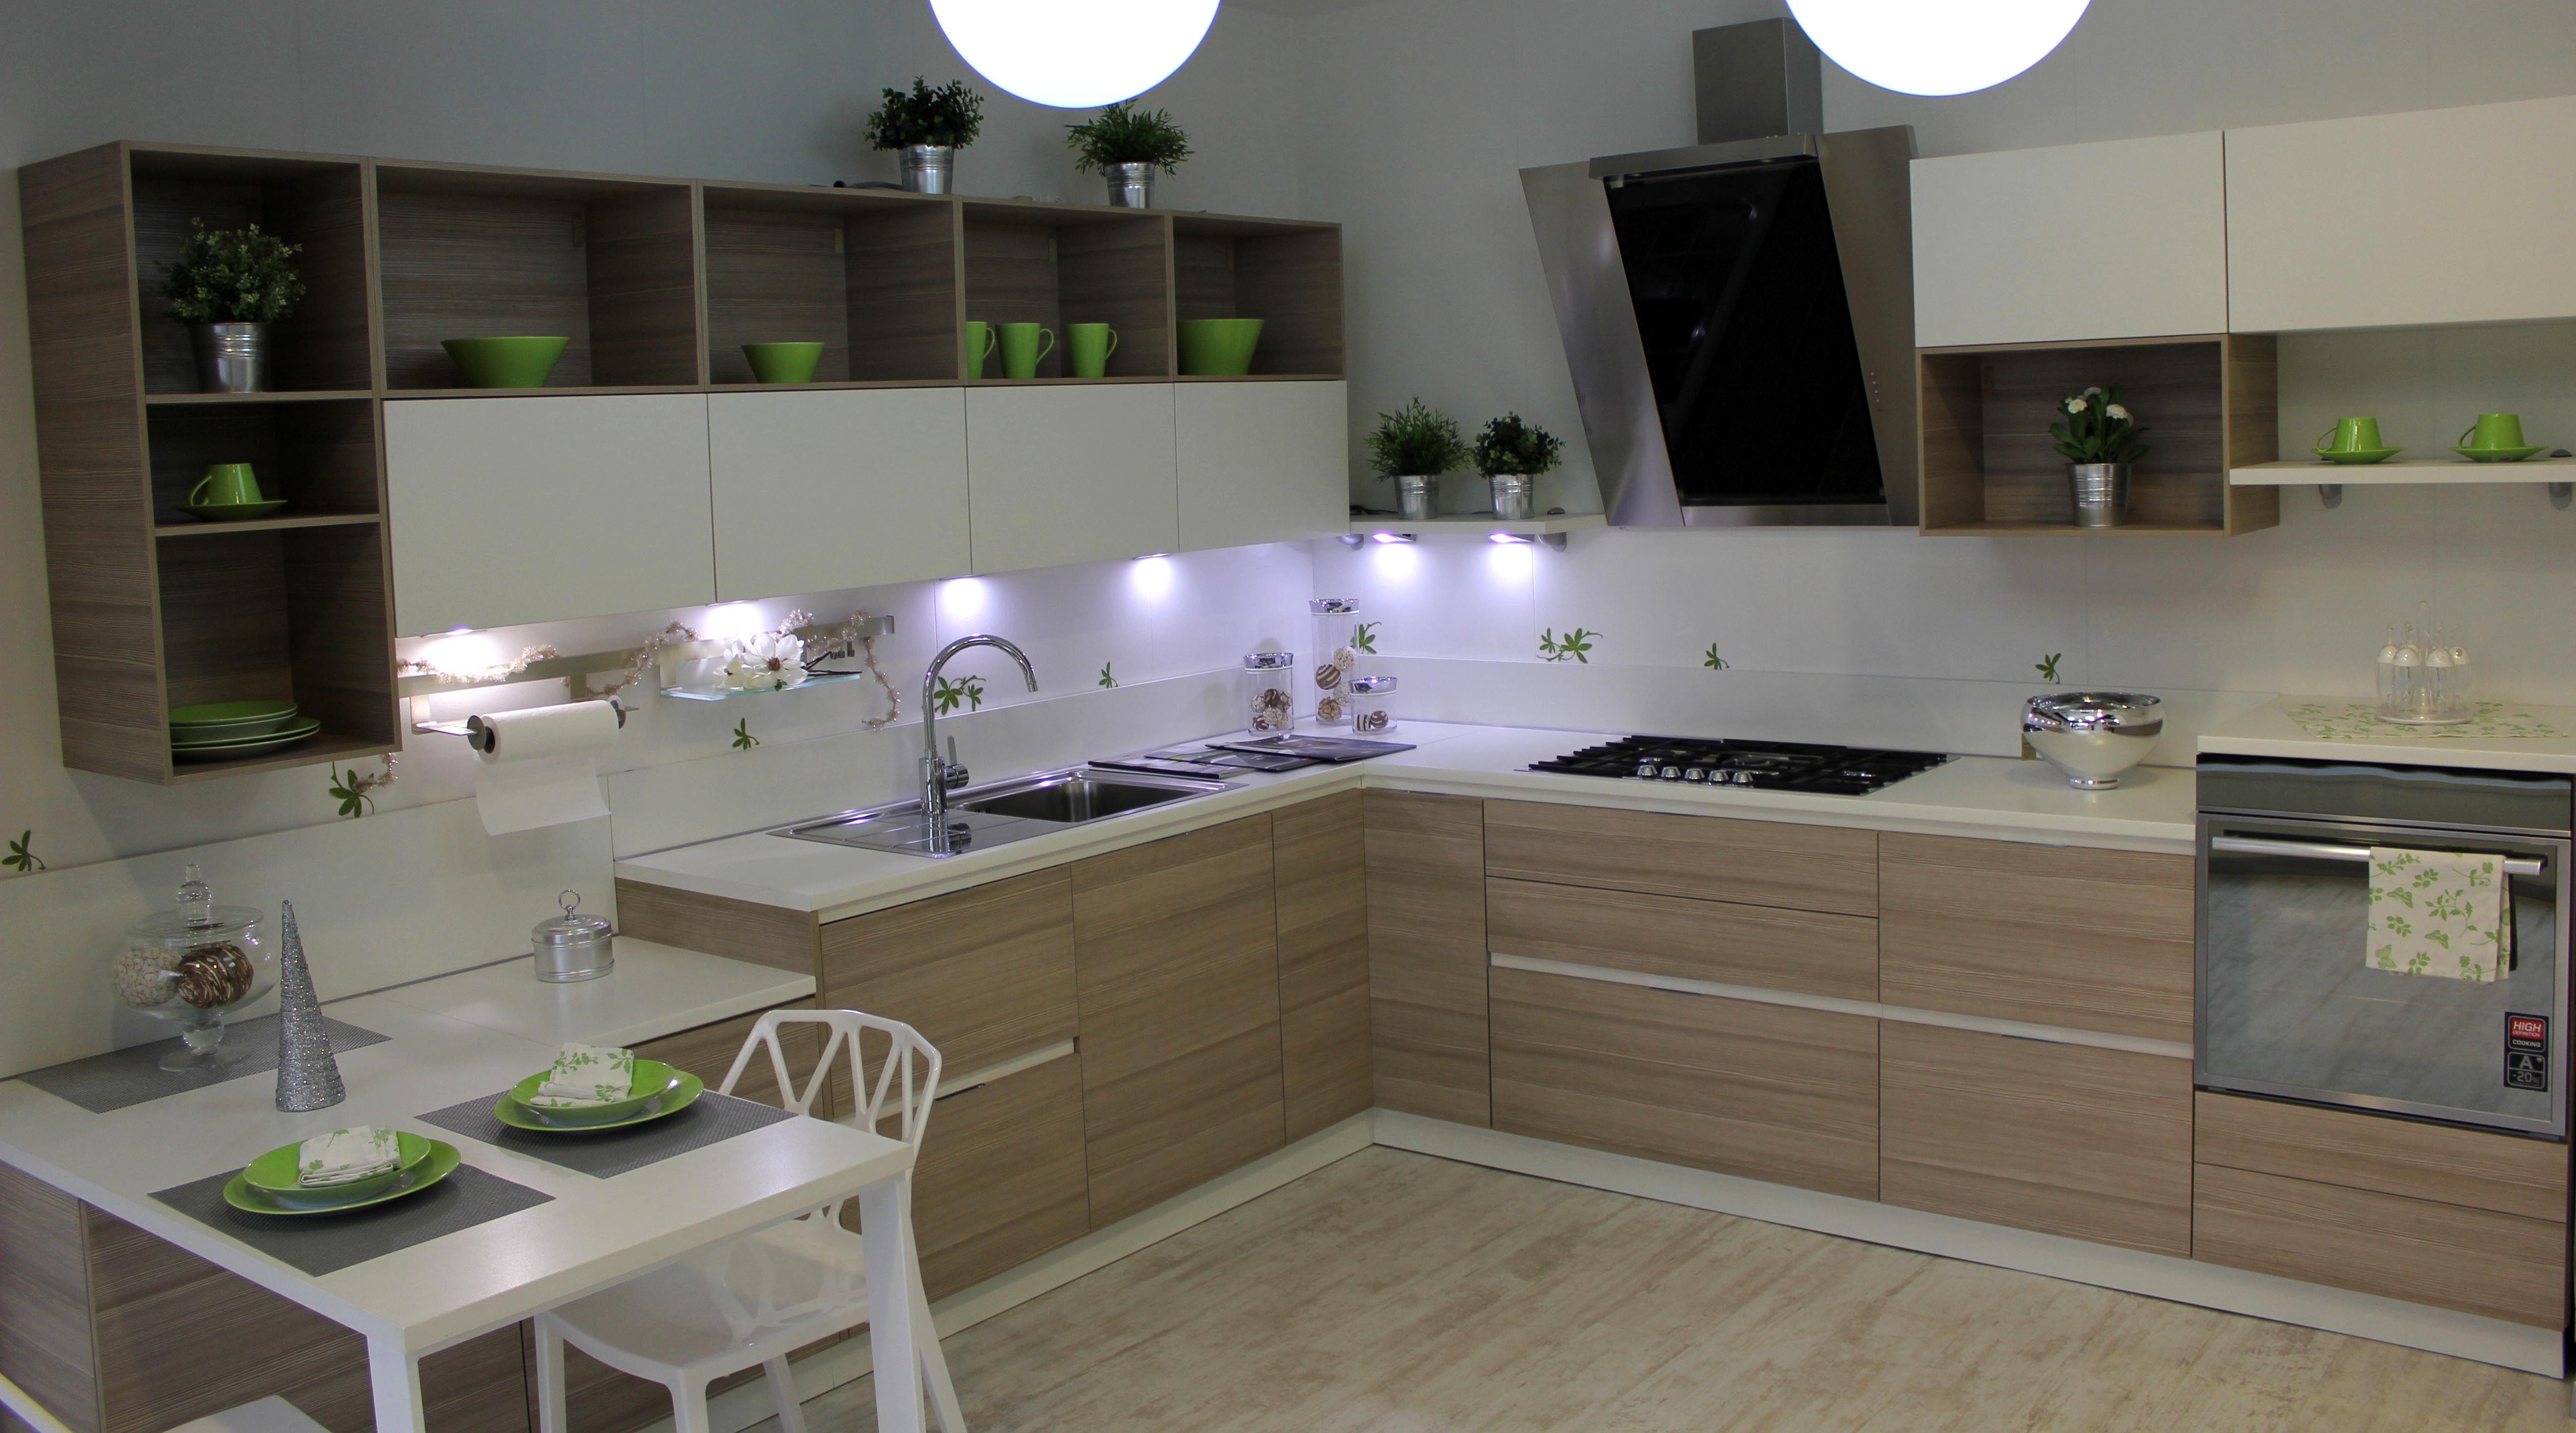 Cucine | Scavolini Store Busto Arsizio | Home | Pinterest